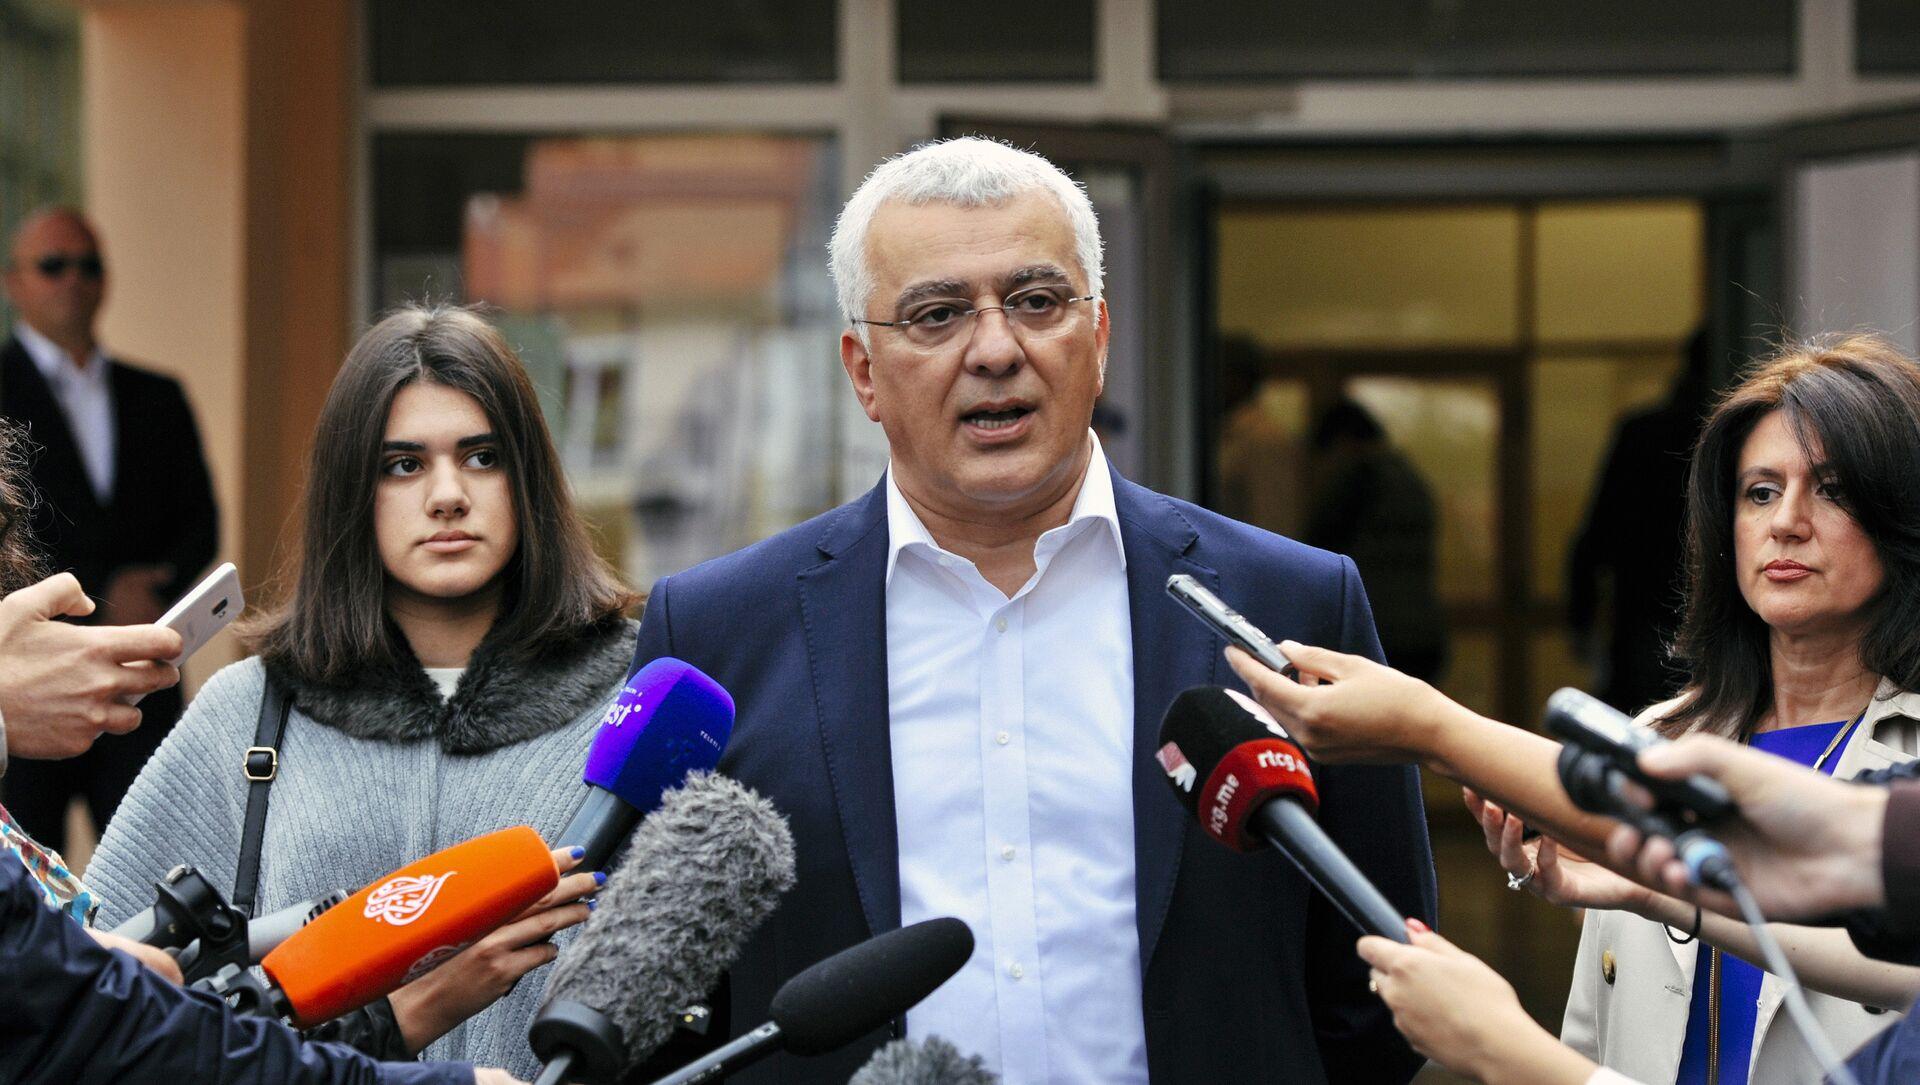 Лидер опозиционог Демократског фронта Андрија Мандић одговара на питања новинара након гласања  - Sputnik Србија, 1920, 04.02.2021